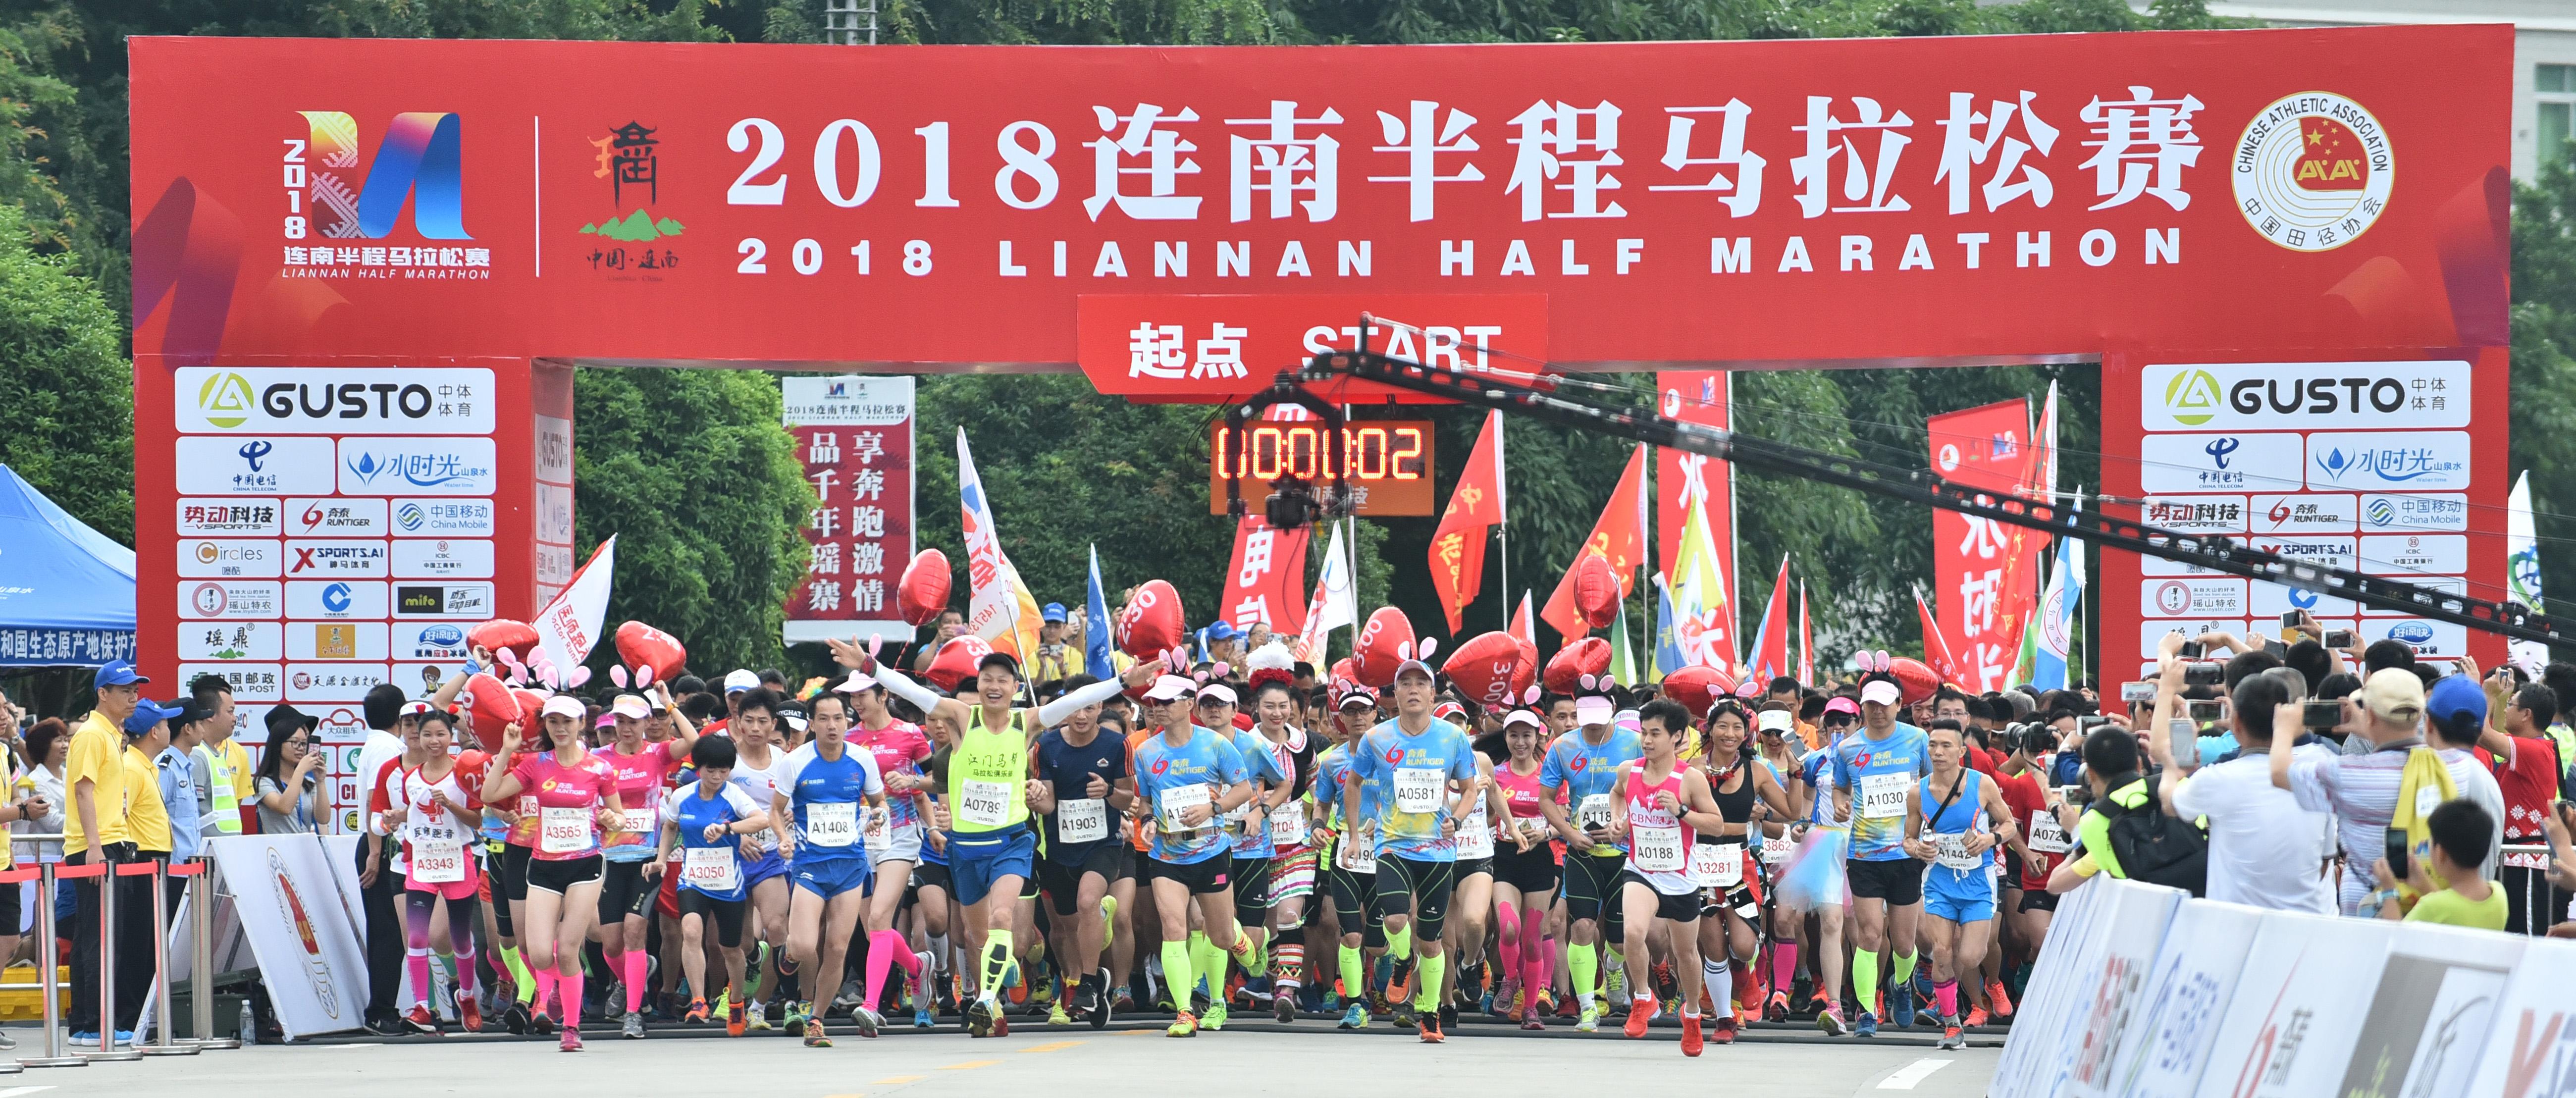 http://img.sport-china.cn/180507175af01bd4c3965.jpeg